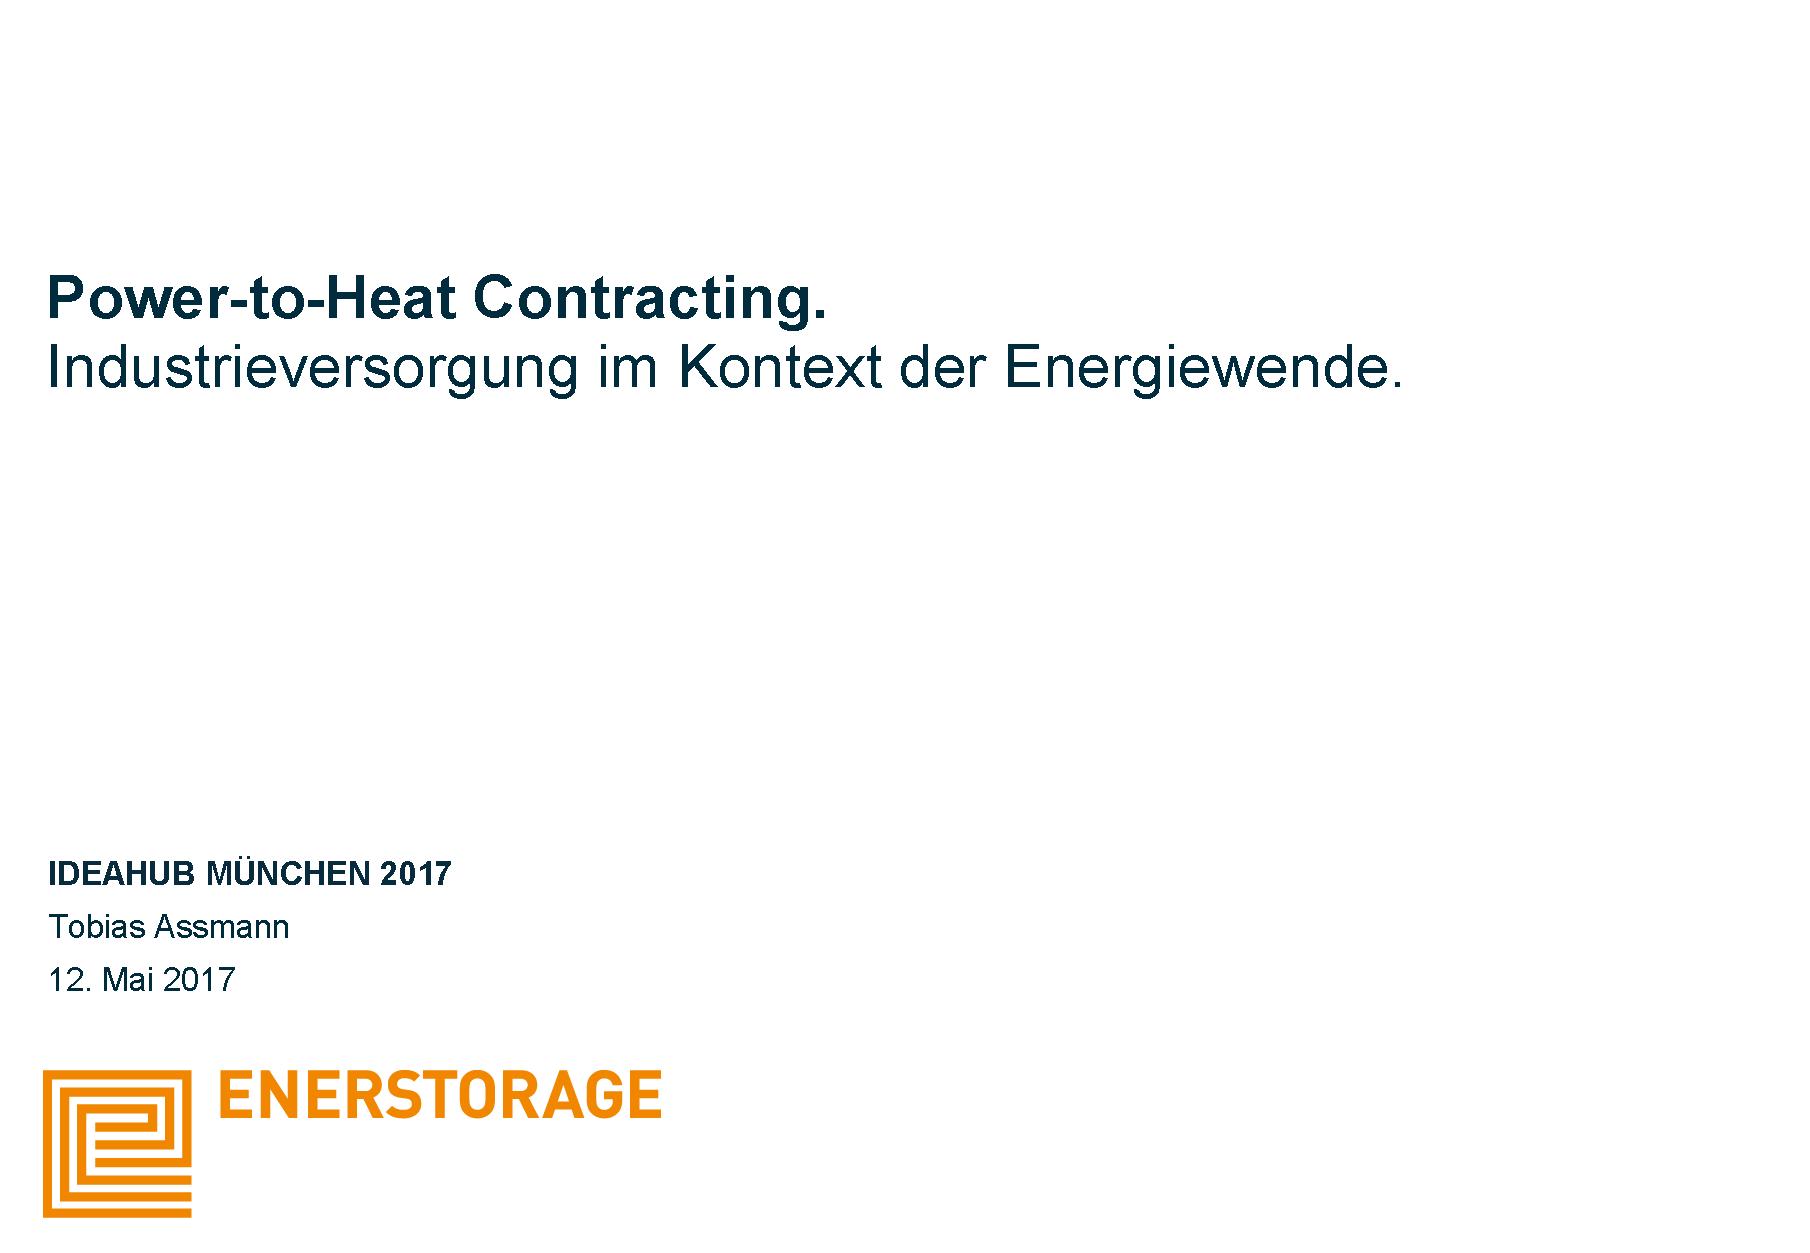 Power-to-Heat Contracting. Industrieversorgung im Kontext der Energiewende - Tobias Assmann, EnerStorage